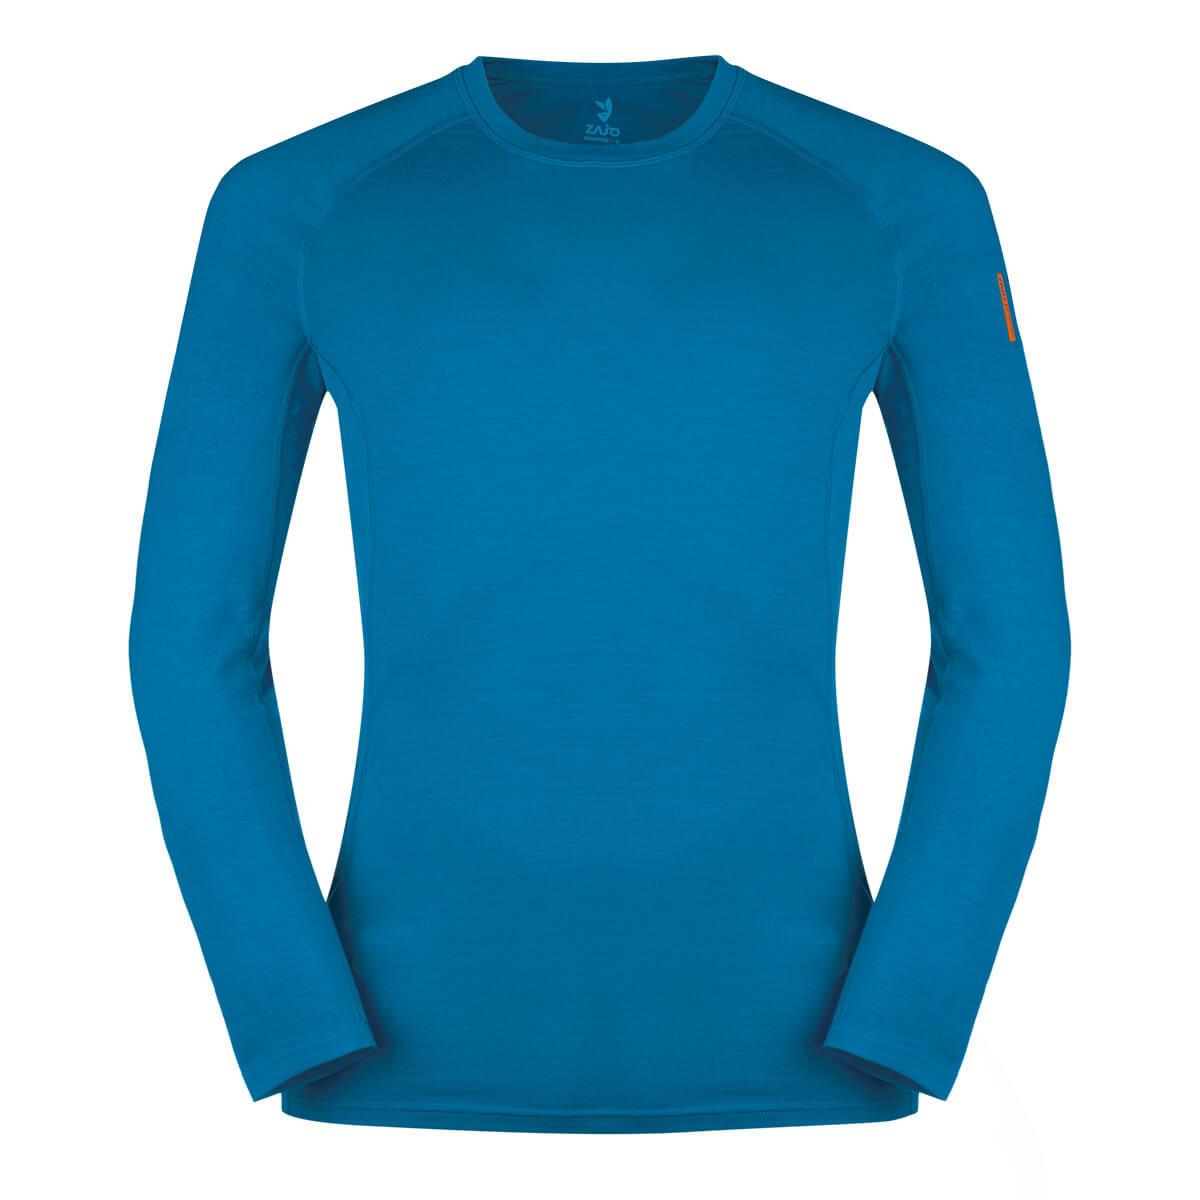 Pánske tričko Zajo Bjorn Merino Nylon T-shirt LS Greek Blue - veľkosť XS